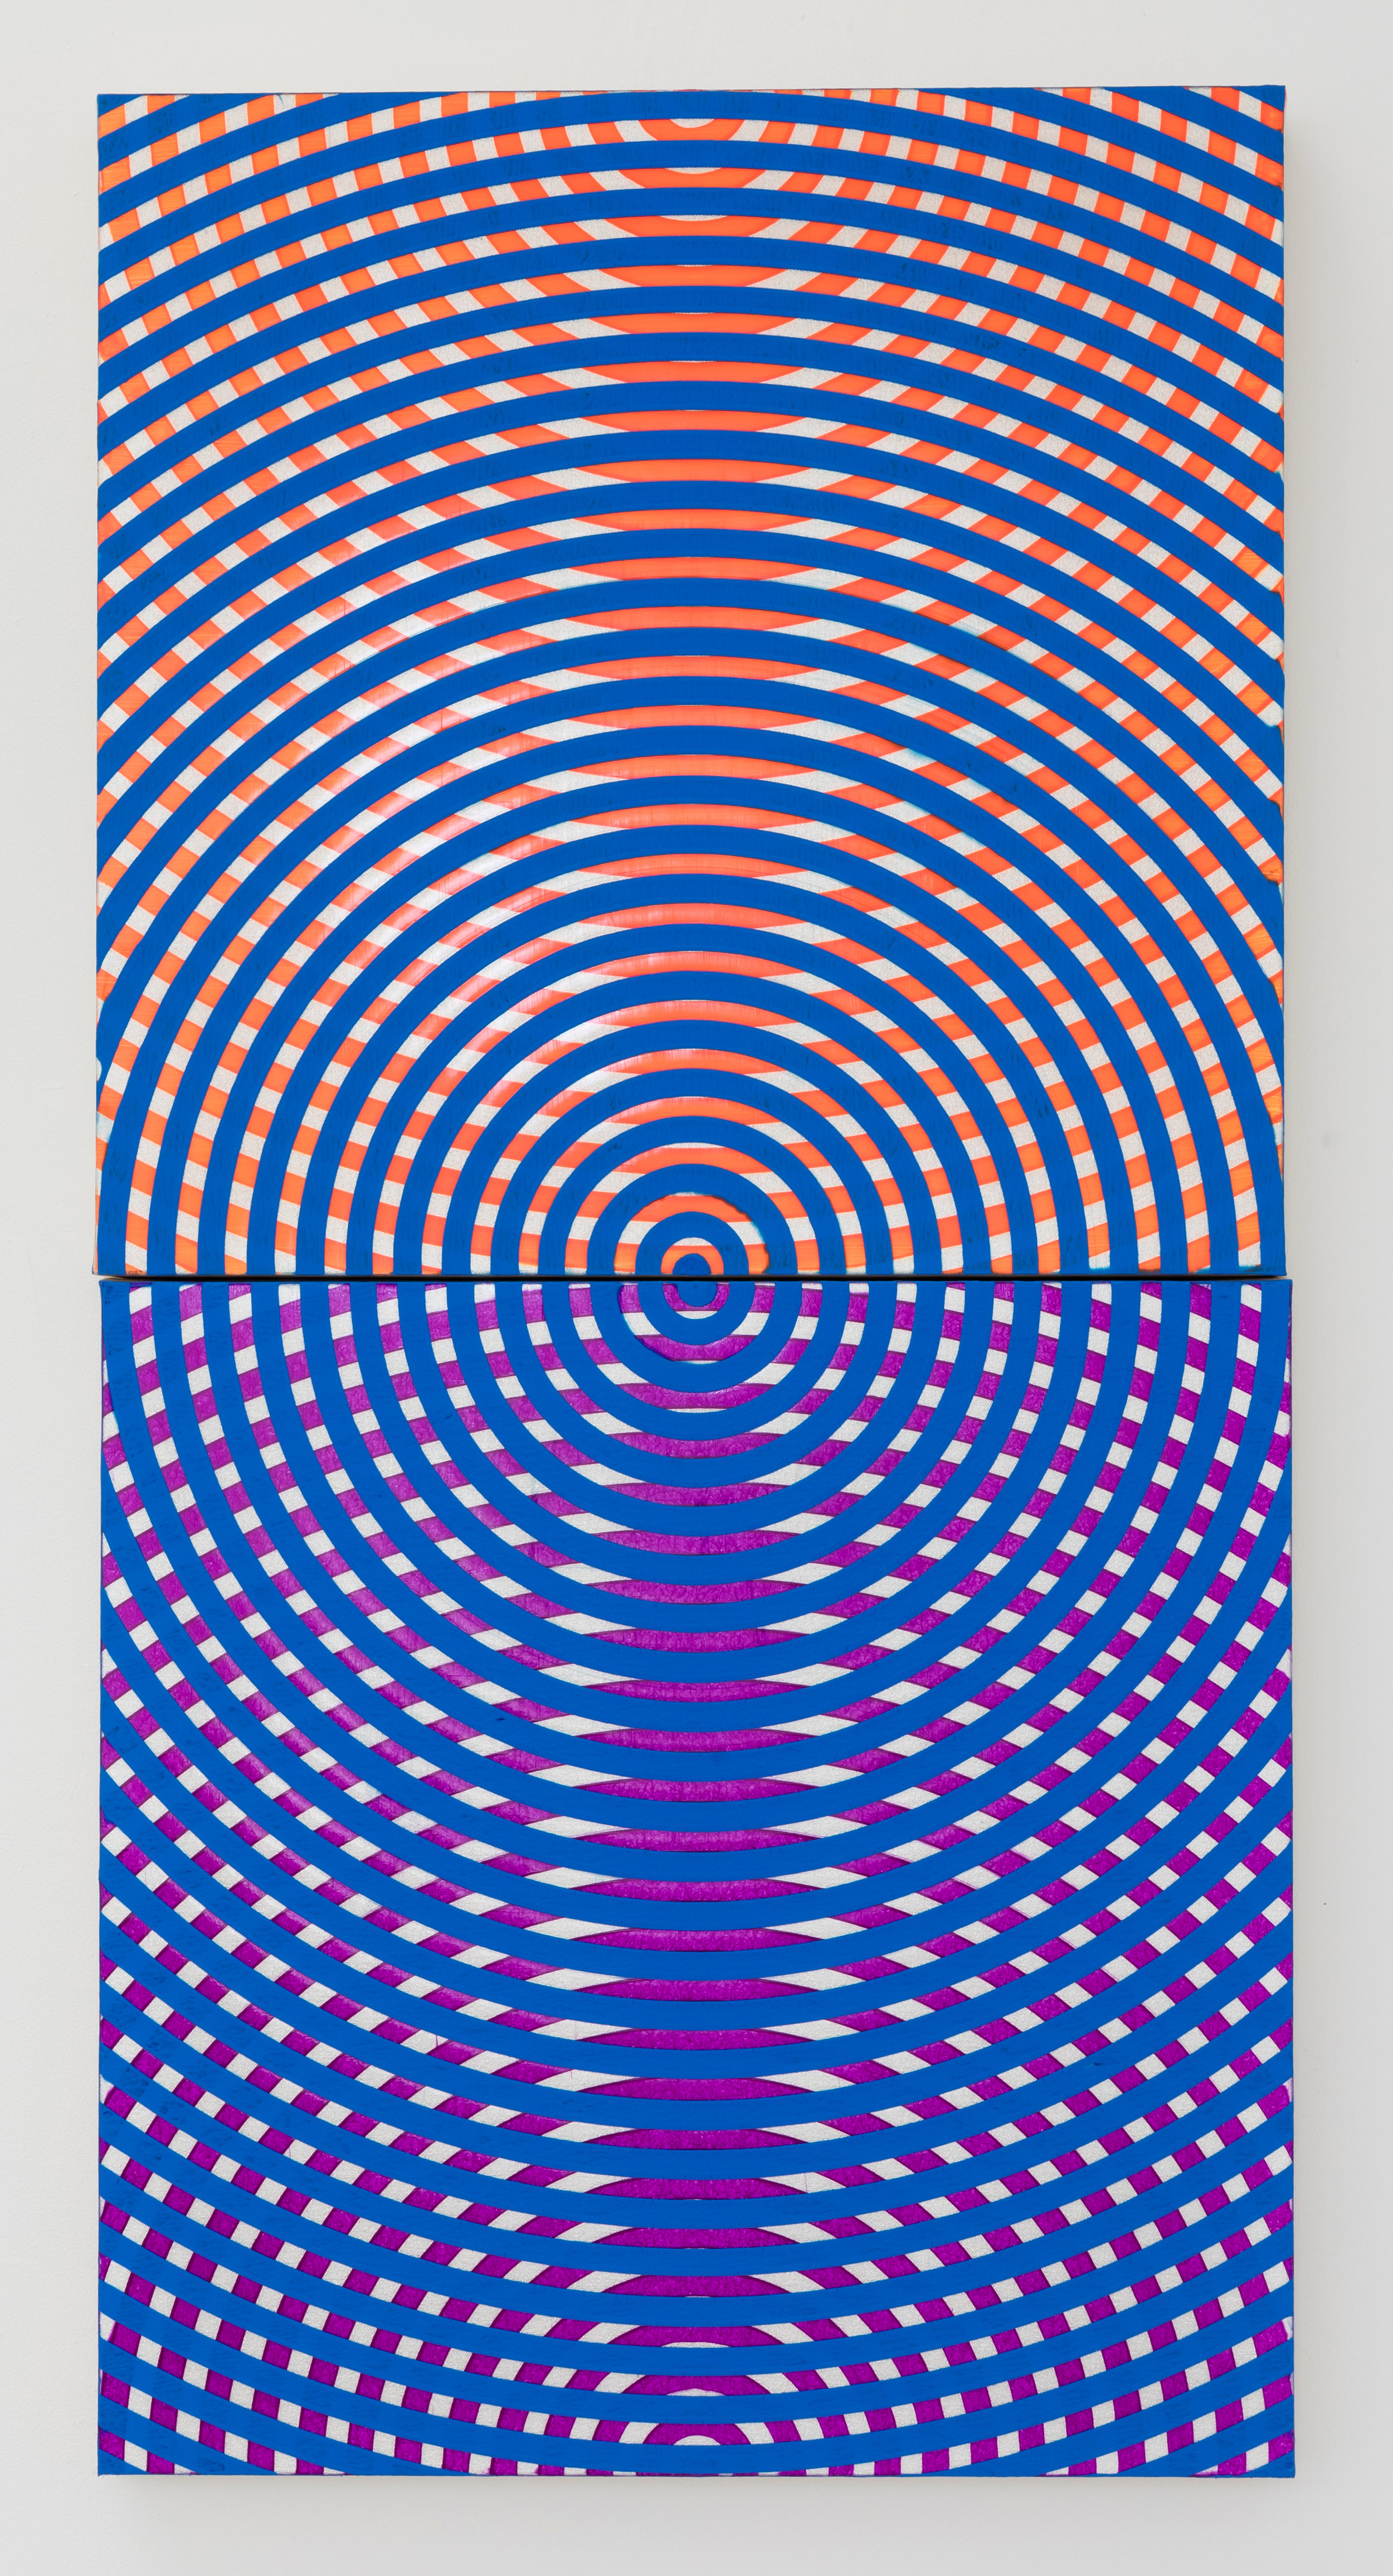 Taro Suzuki, Tantric Dawn